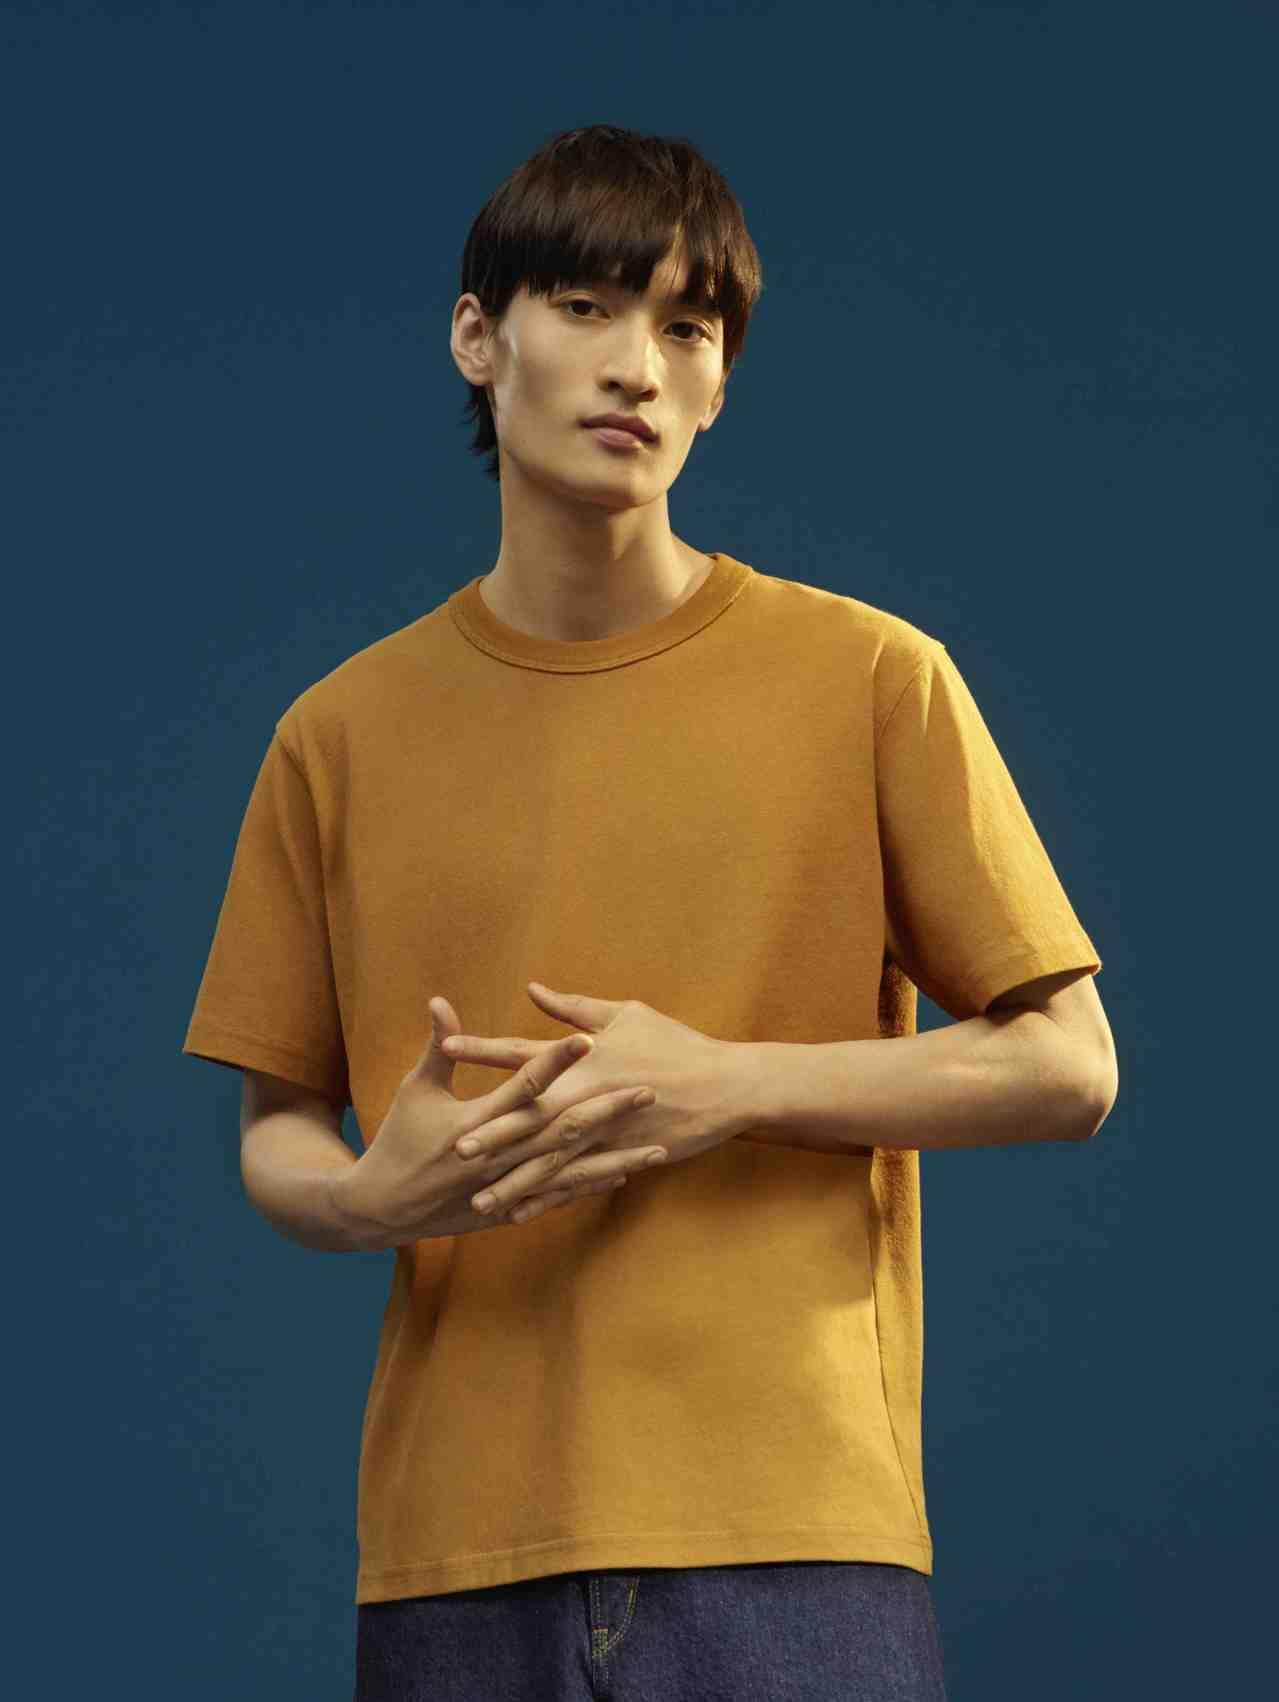 因應雙11的到來,UNIQLO受歡迎的人氣Uniqlo U系列服飾,指定品項將會...